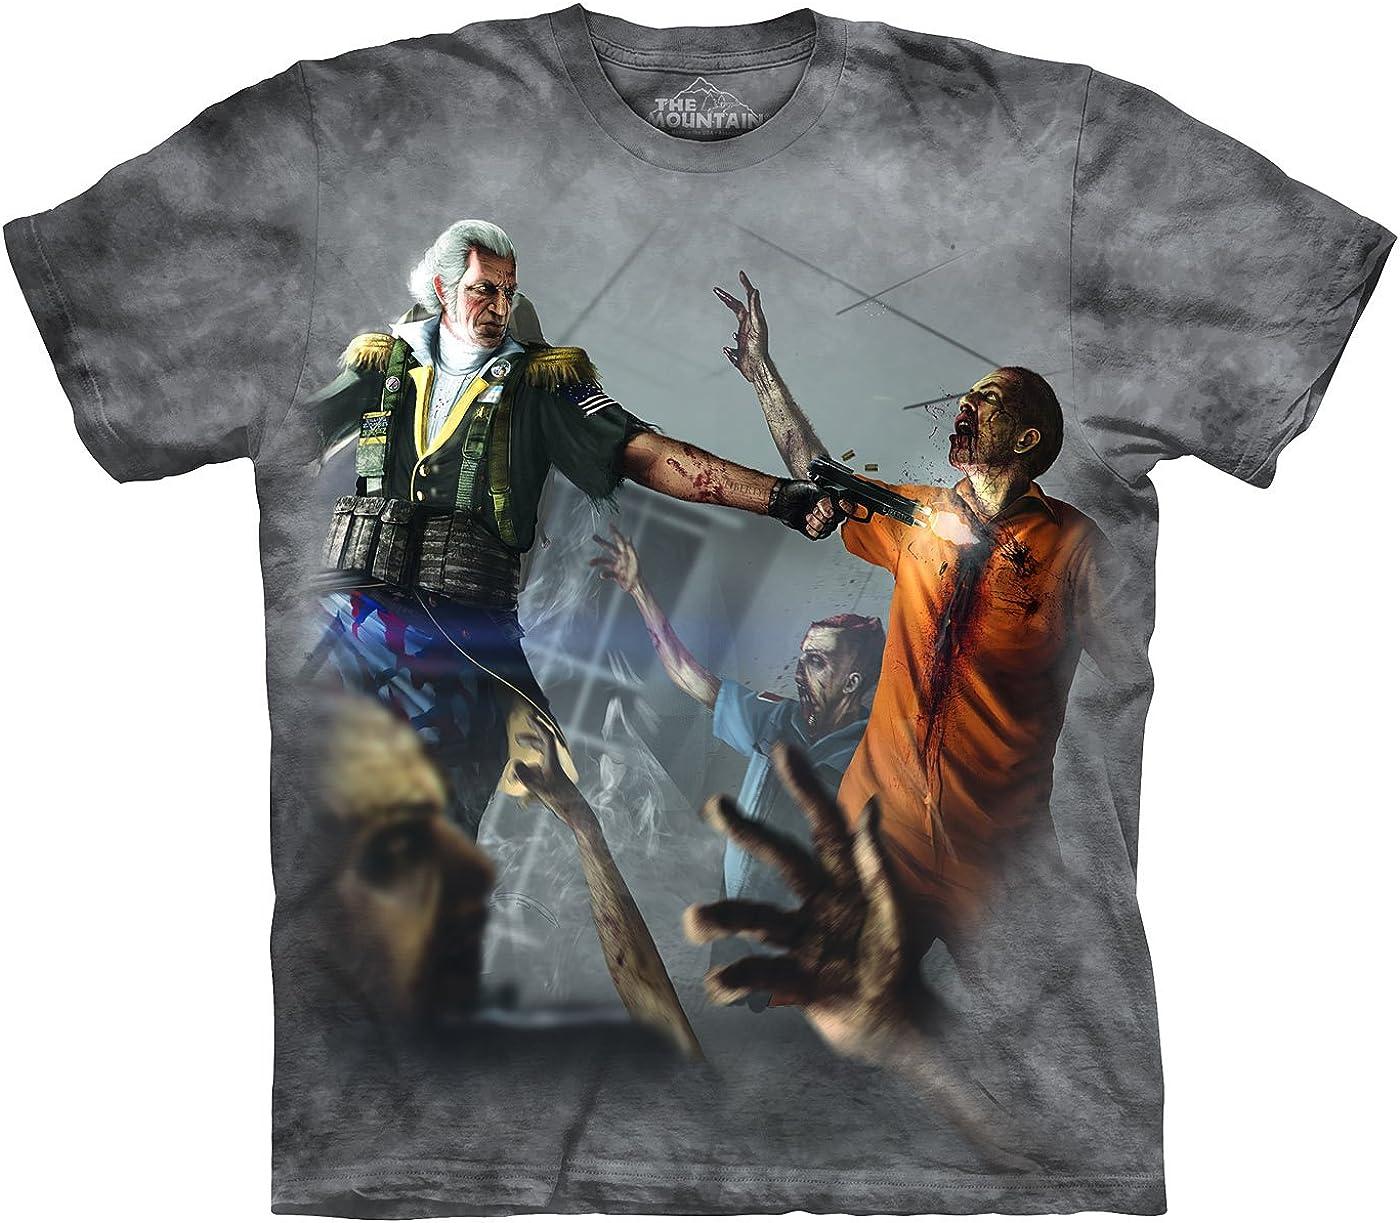 La montaña George Washington Vs Zombies T-Camisa (Humo, Medio): Amazon.es: Ropa y accesorios